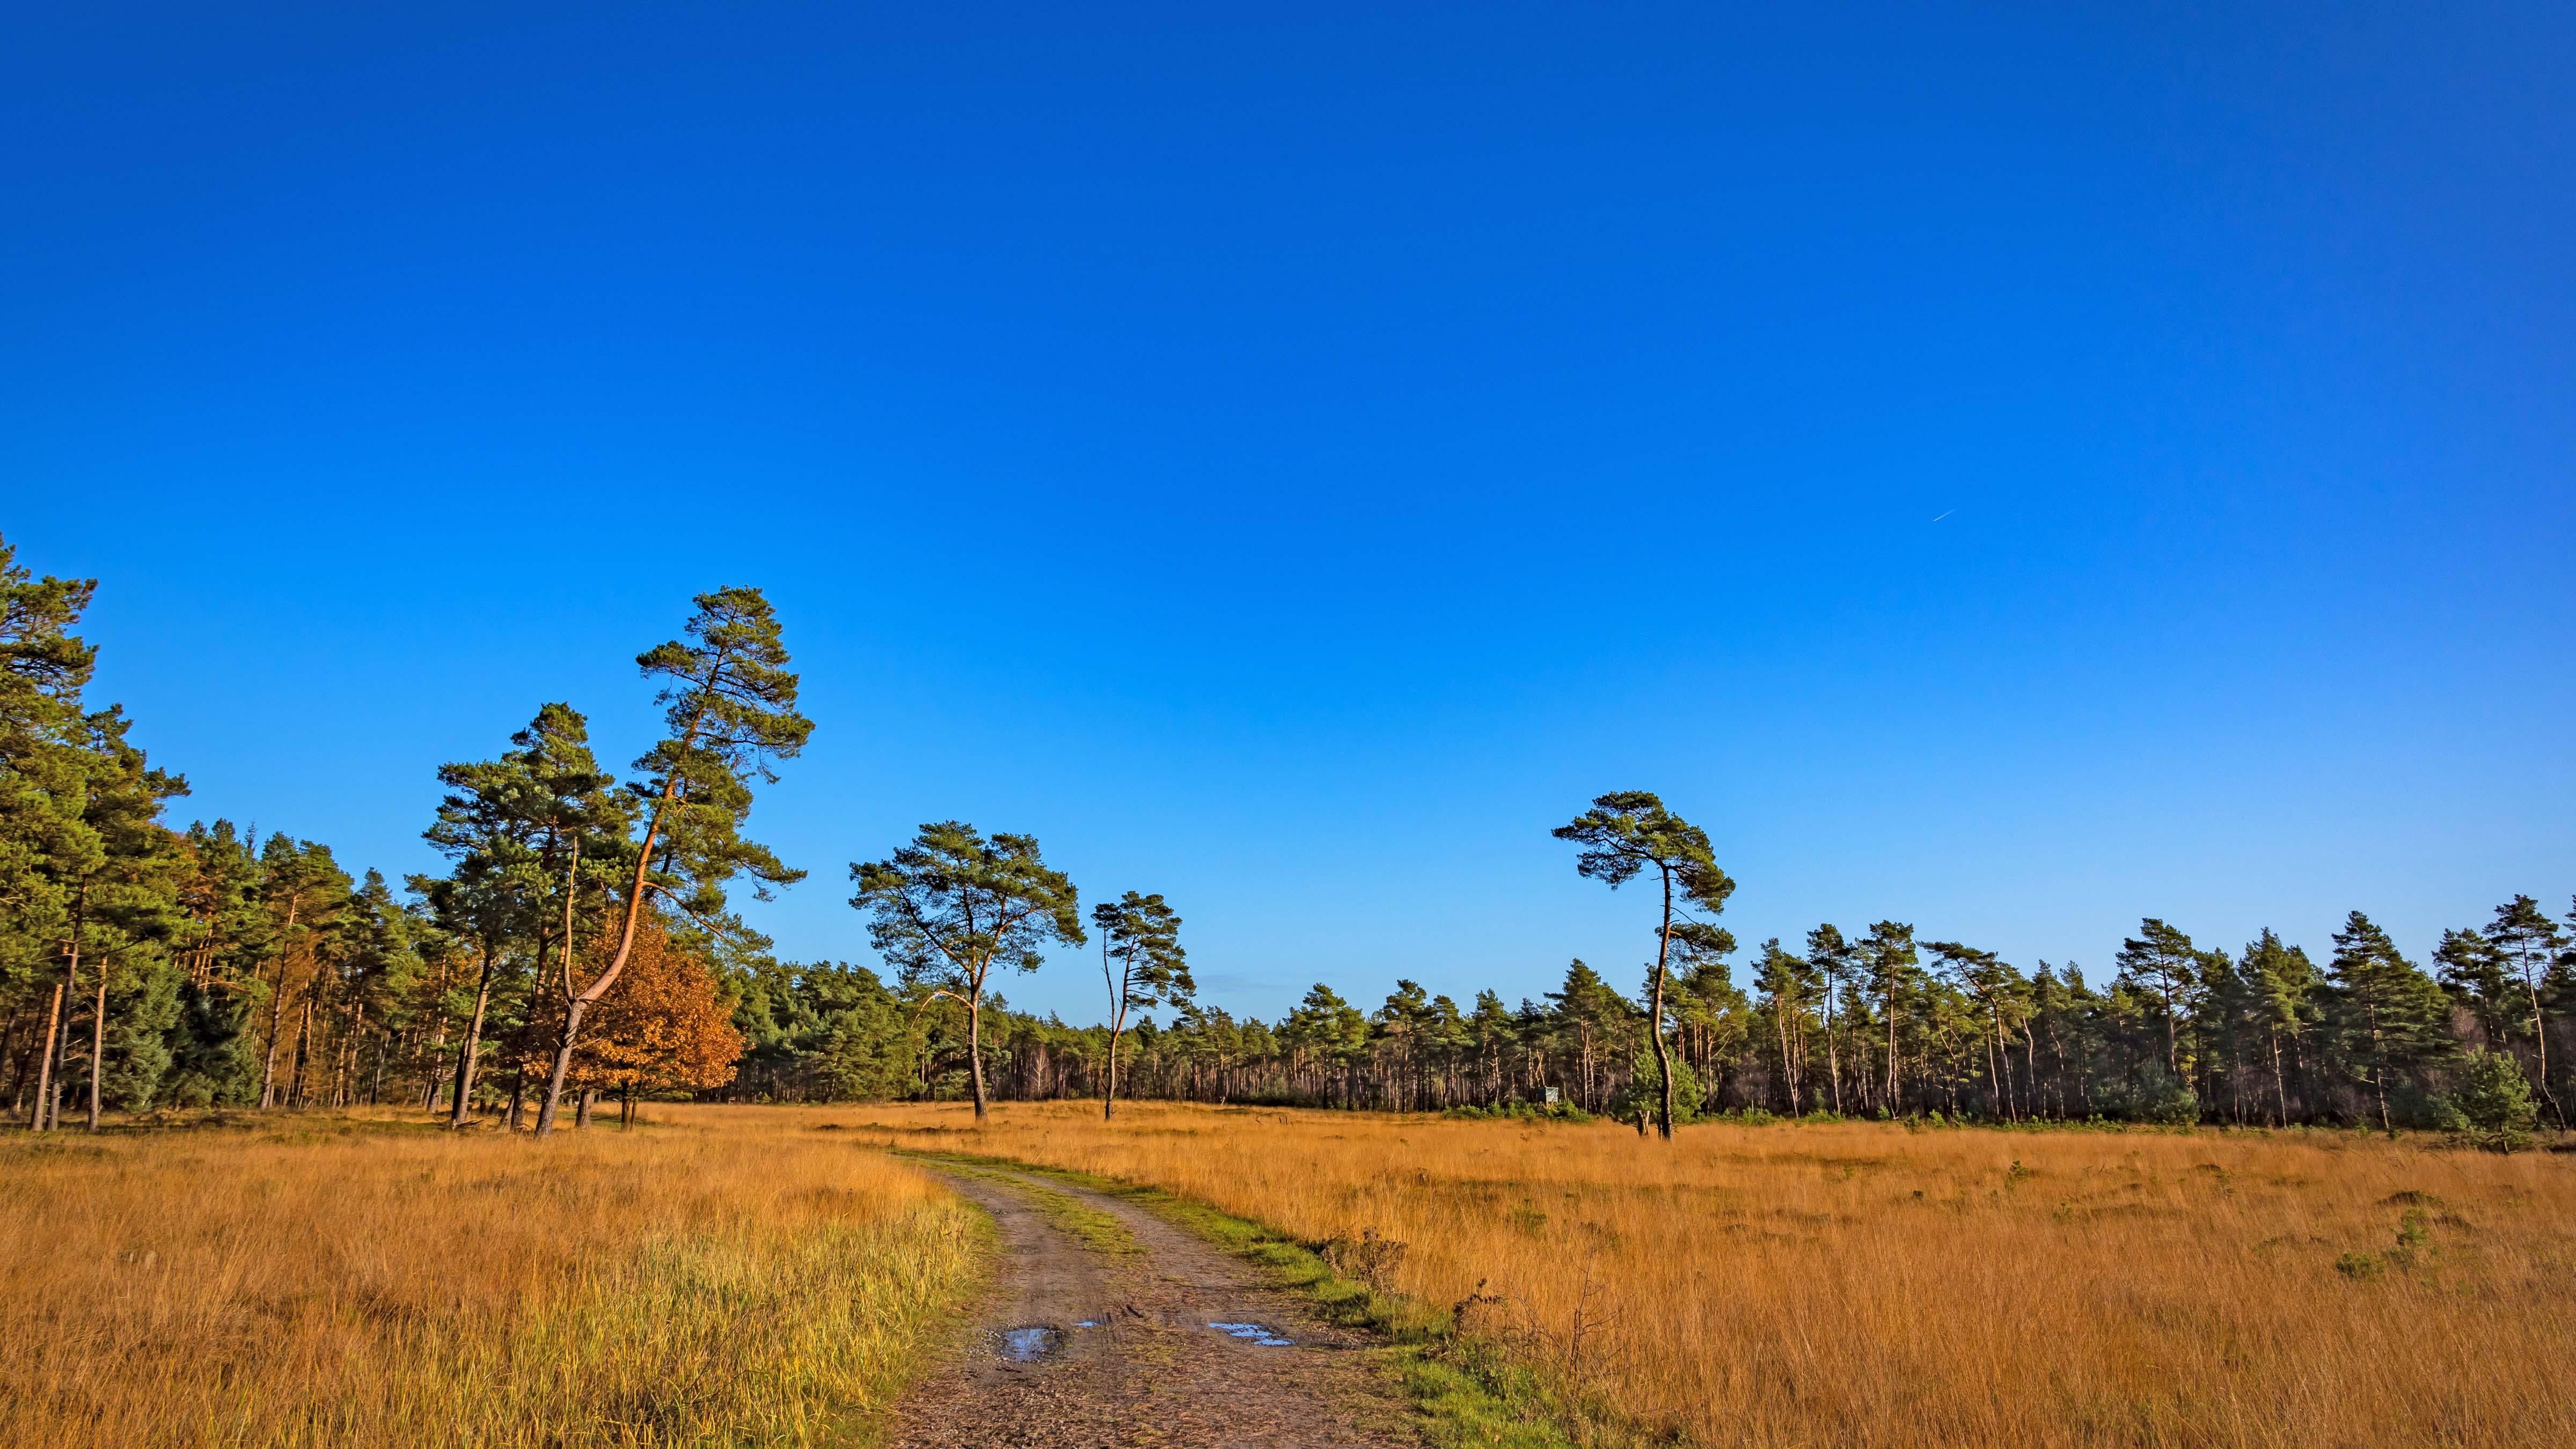 Prägend ist diese weite Wiesenlandschaft kurz vor dem Kleinen Bullensee